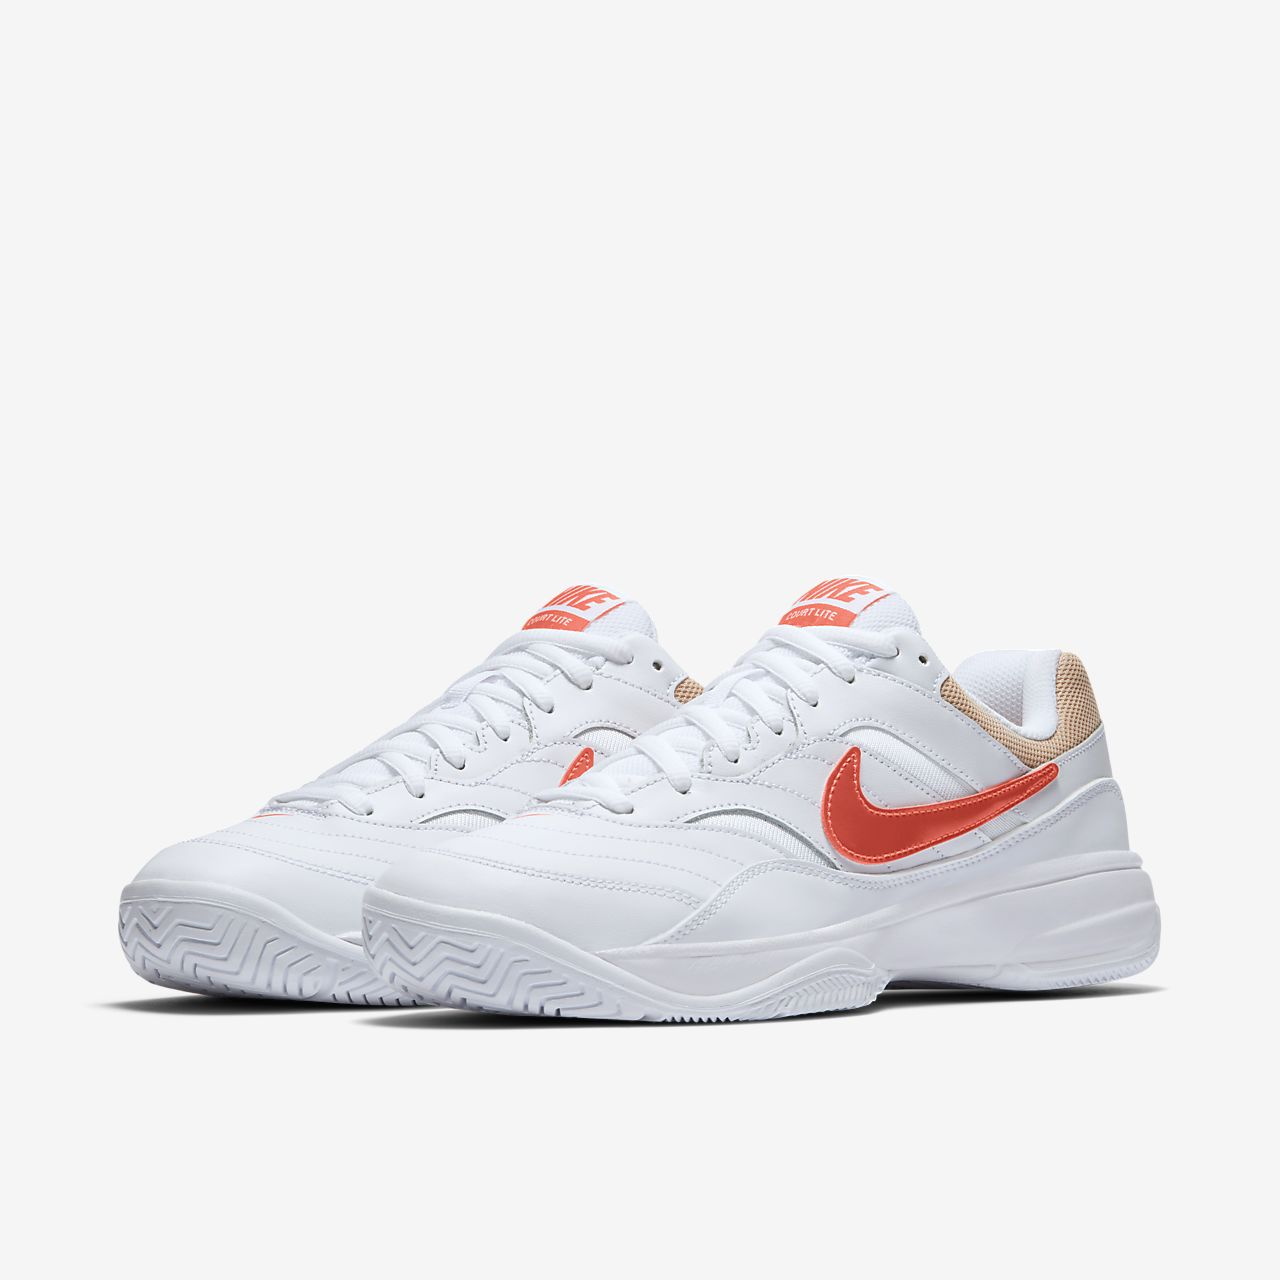 Scarpa Per Tennis Campi Lite Da In Nikecourt Uomo It Cemento vHxpvr